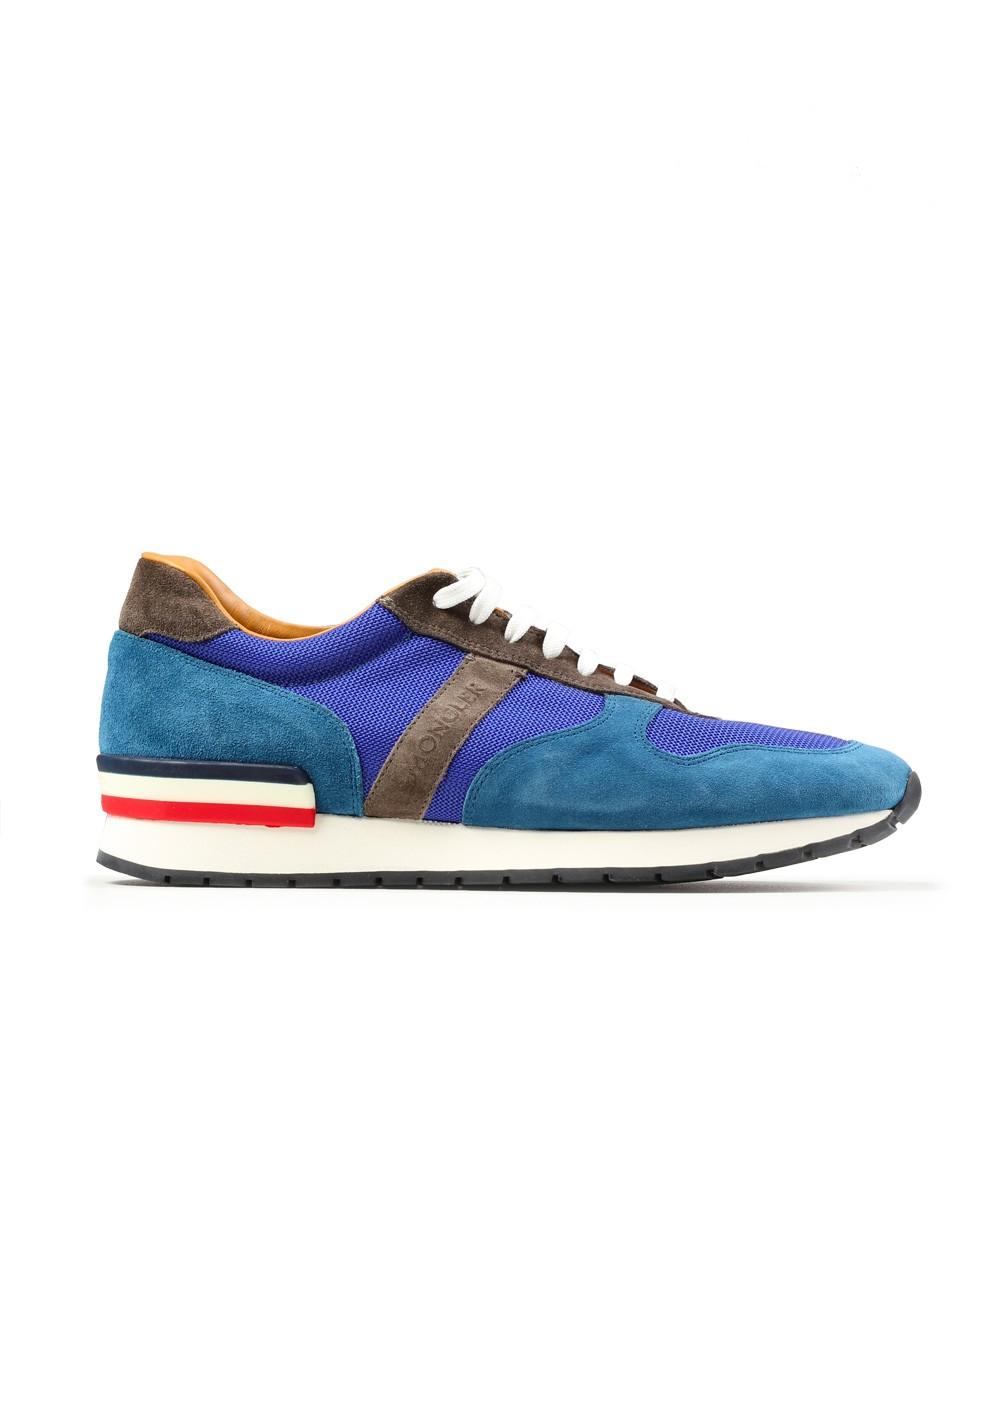 Moncler Suede Sneakers Shoes Size 39 Eur / 6 U.S. / 5 U.K. | Costume Limité